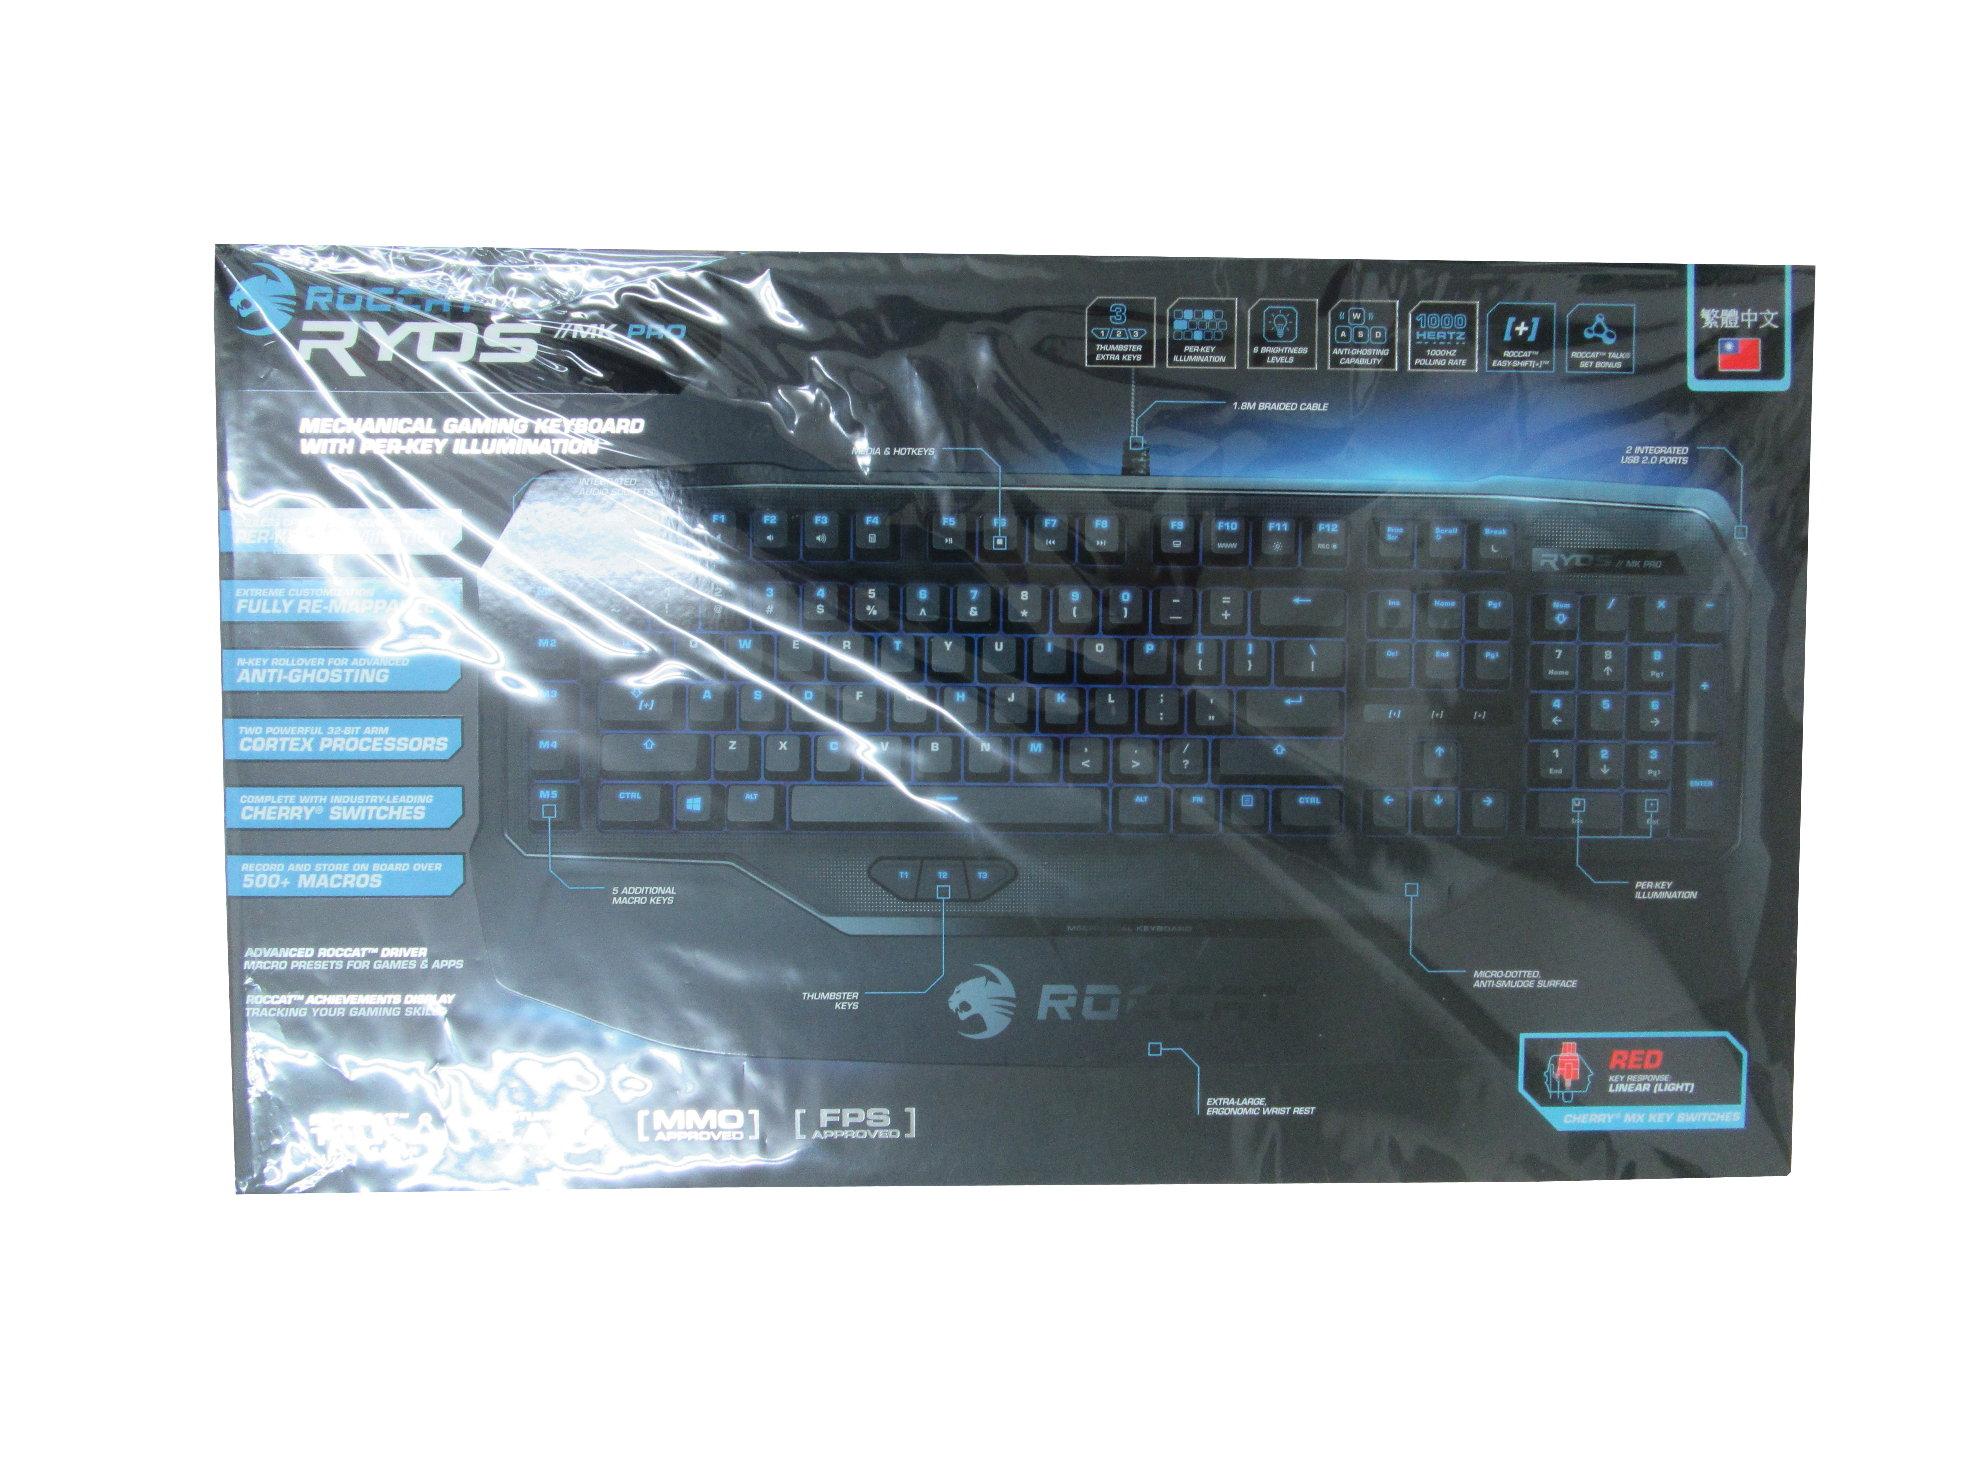 ★綠光能Outlet★電競必備★ROCCAT Ryos MK Pro 電競機械式鍵盤-紅軸中文